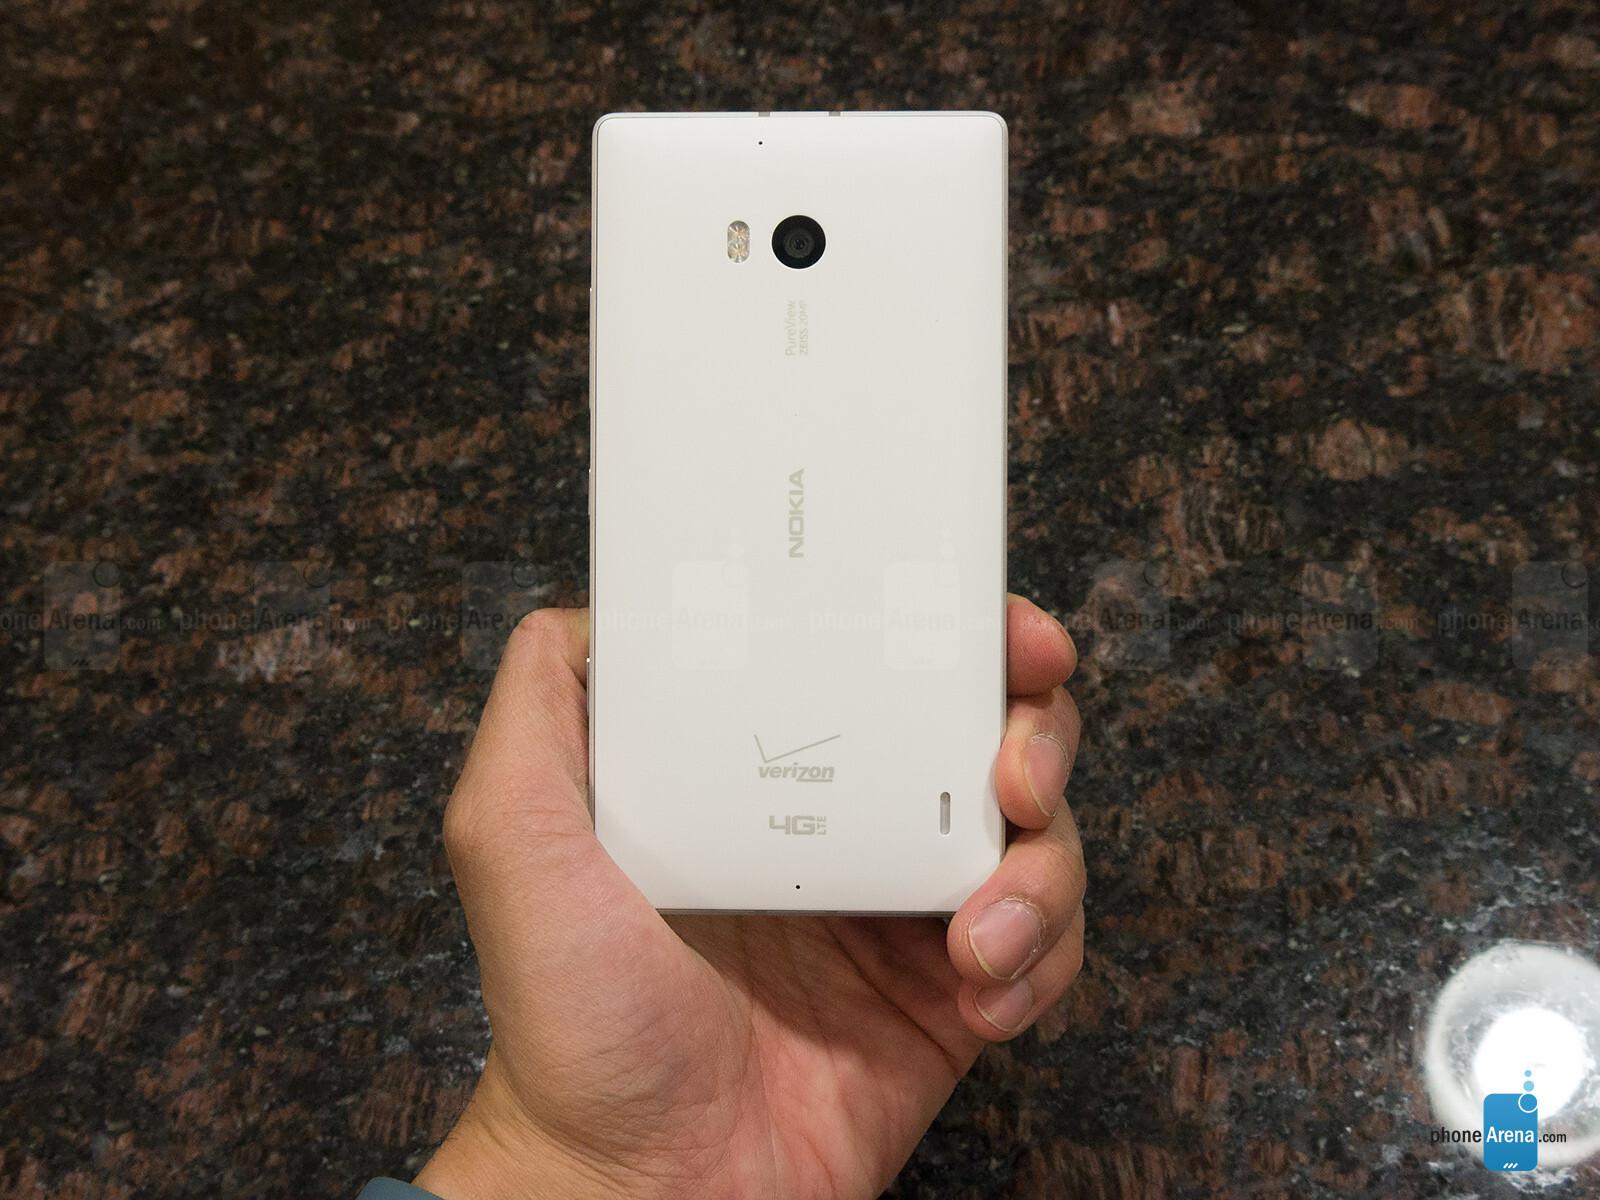 Sforum - Trang thông tin công nghệ mới nhất Nokia-Lumia-Icon-Review-023 Mở hộp Lumia Icon phiên bản nhà mạng Verizon